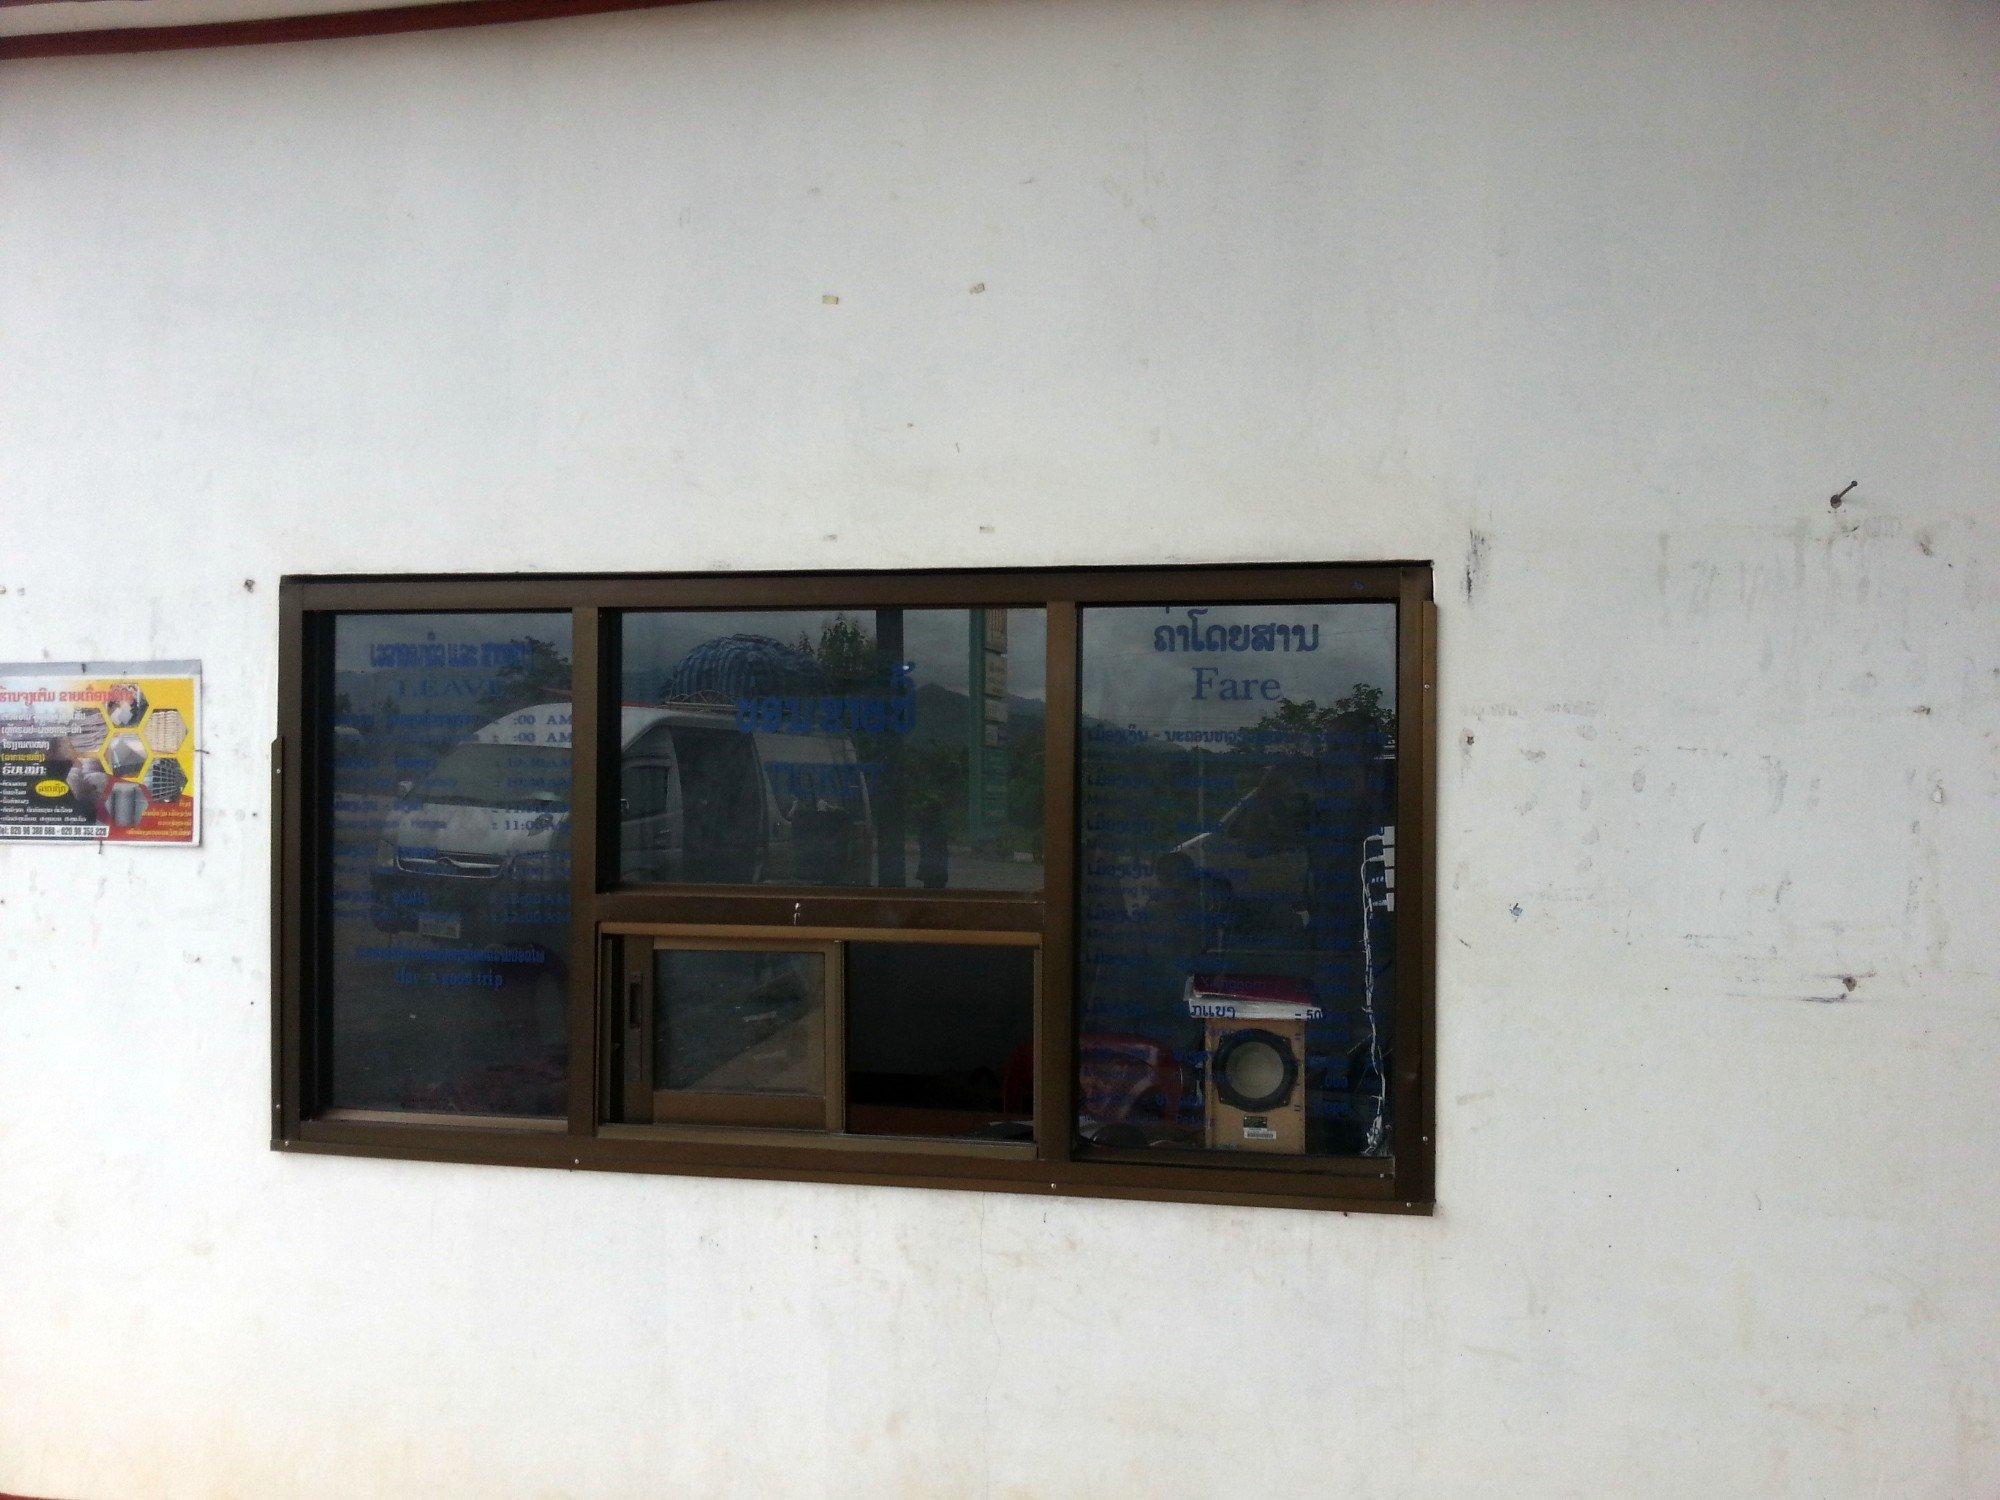 Ticket window at Muang Ngeun Bus Station